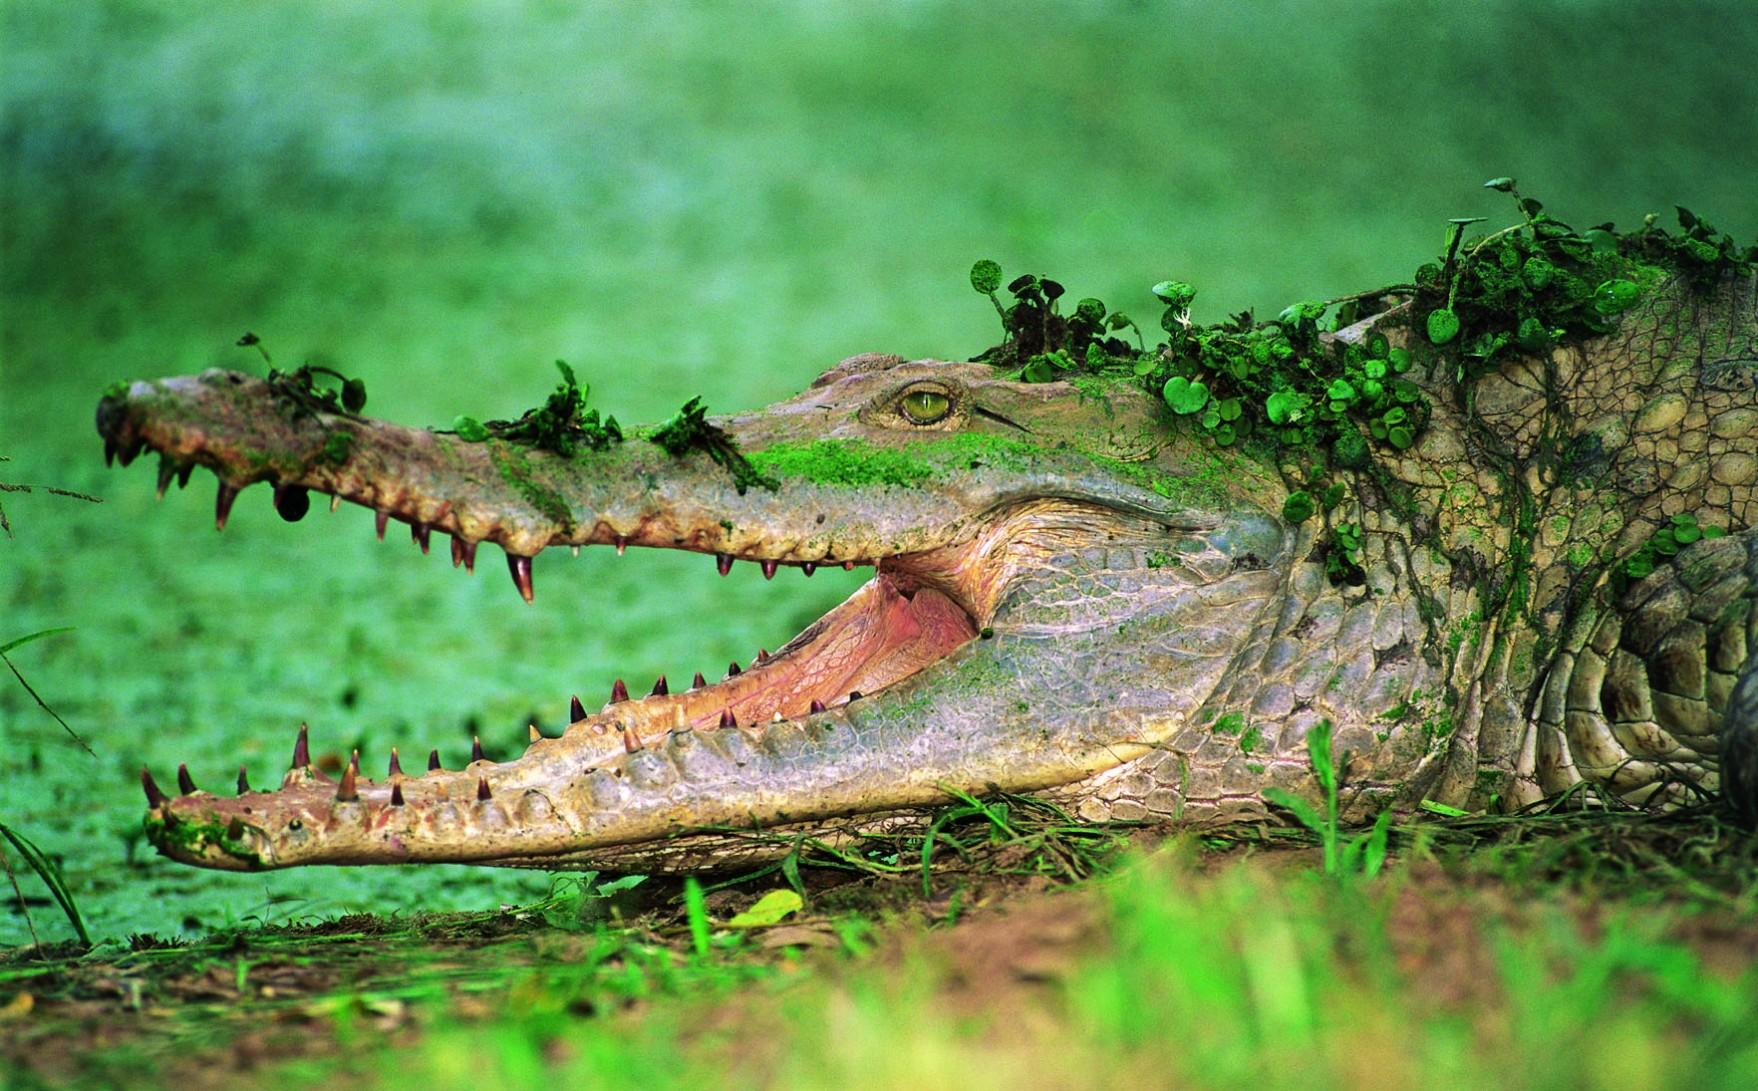 ven04-caiman-del-orinoco-free-condor-verde